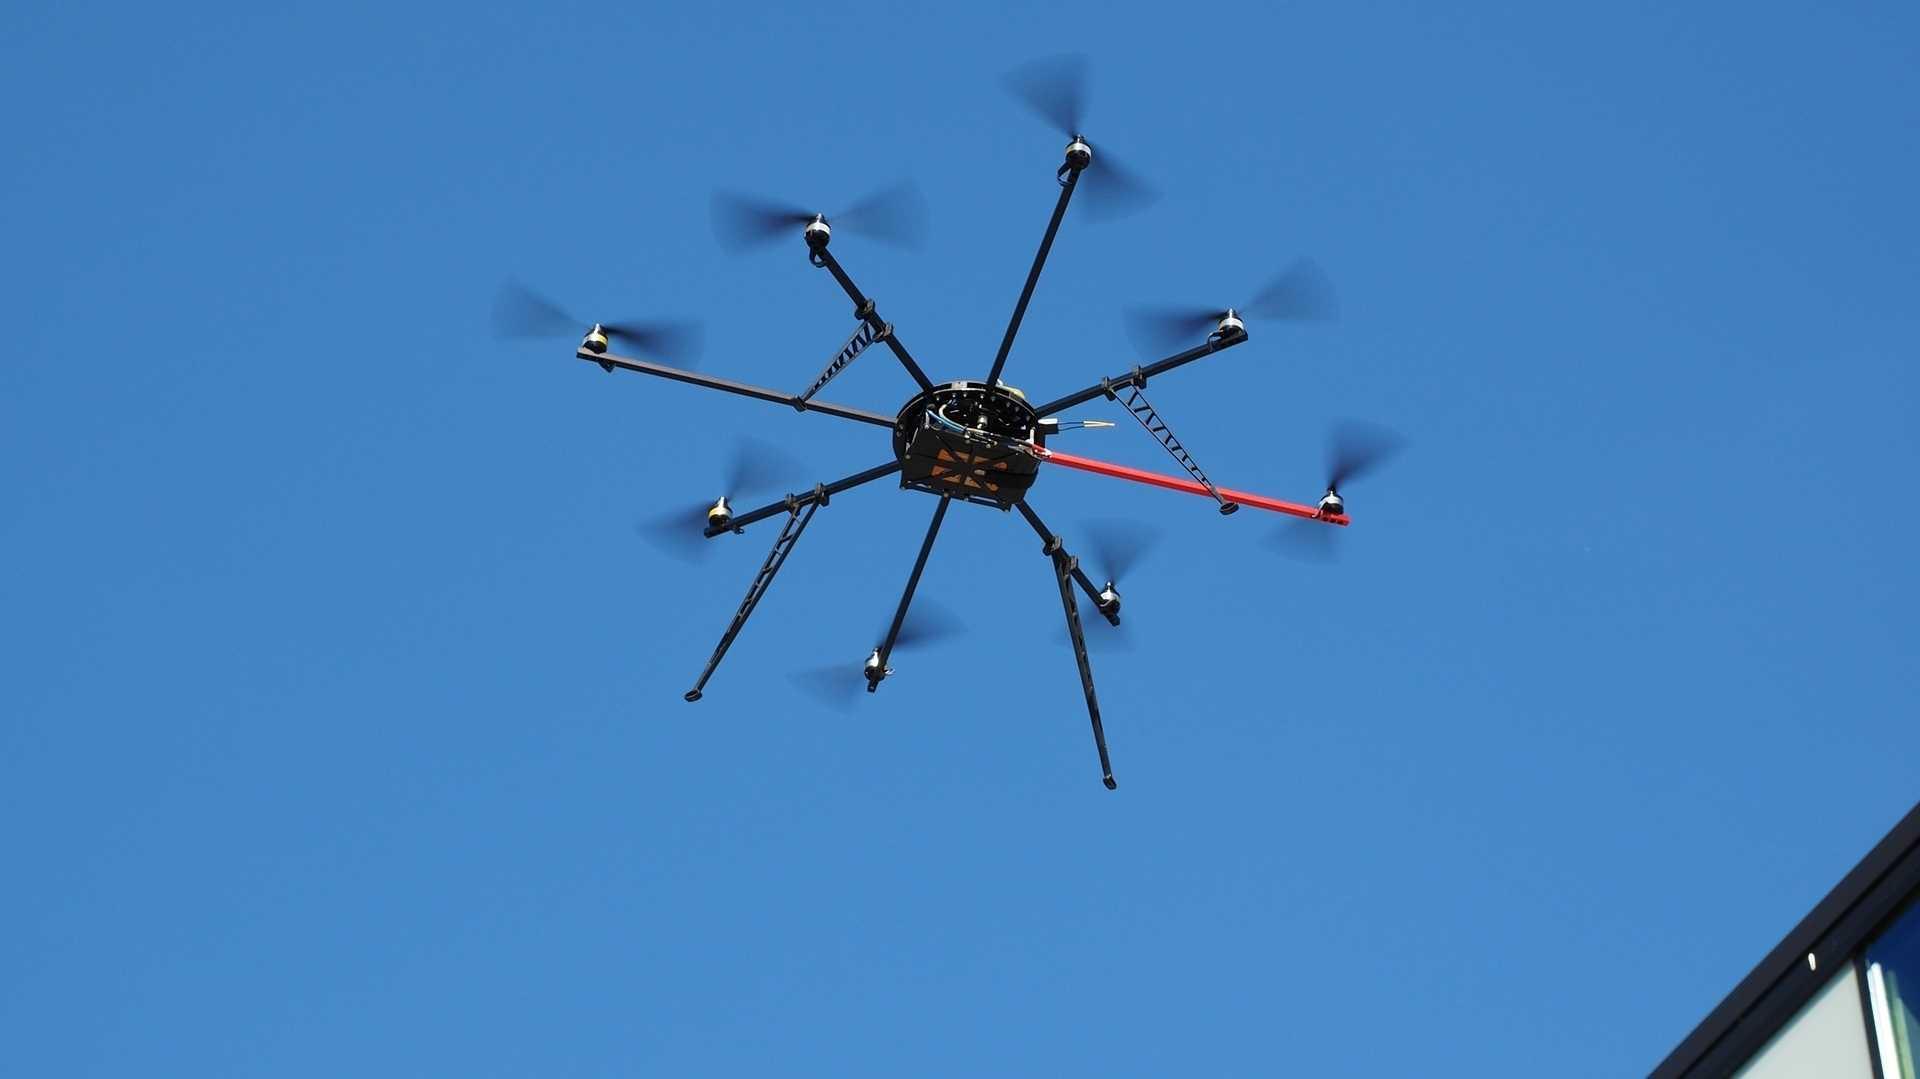 High-Tech-Drohnen für Katastrophenschutz und Großveranstaltungen